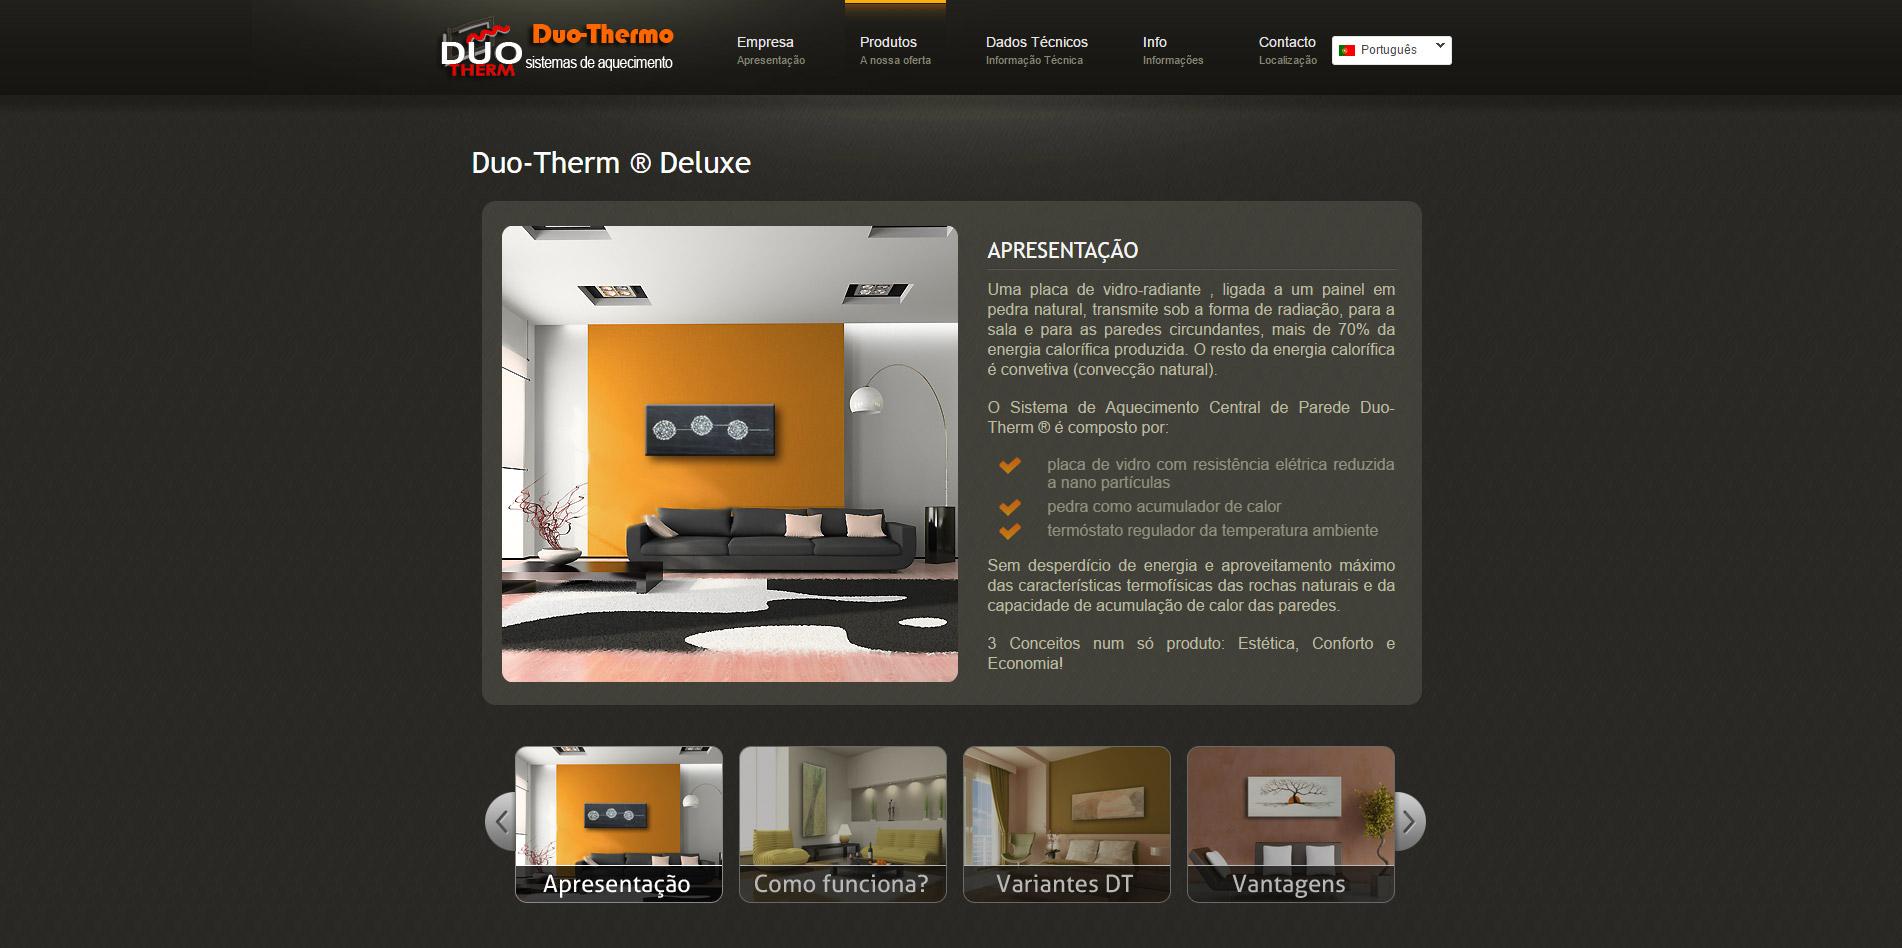 website design and development for DT Algarve